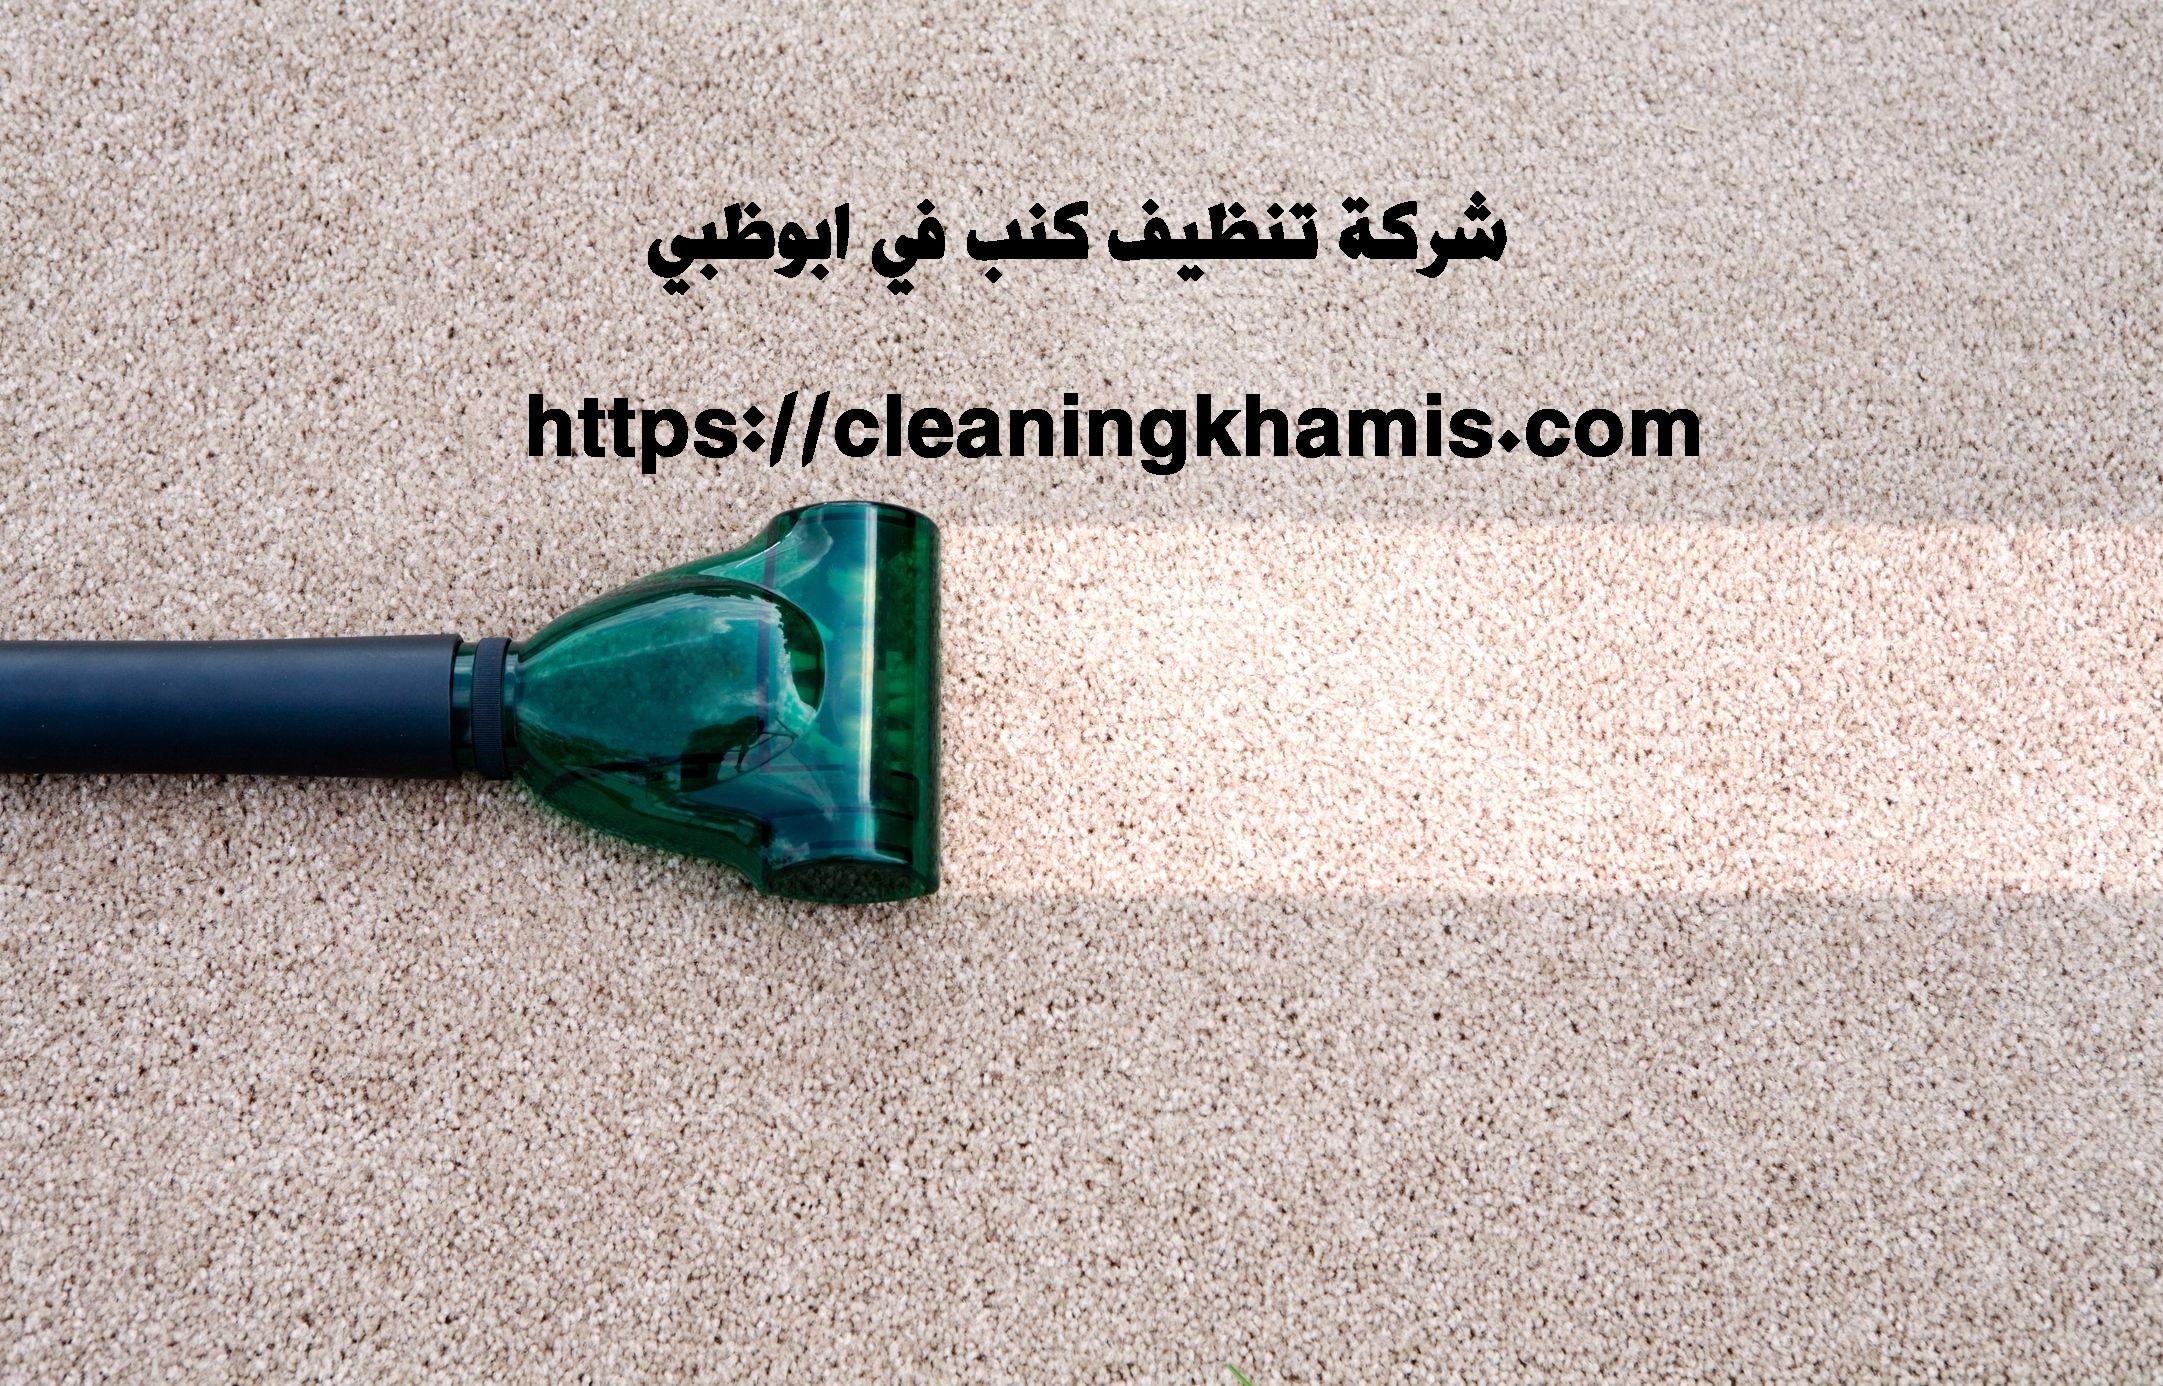 شركة تنظيف كنب في ابوظبي